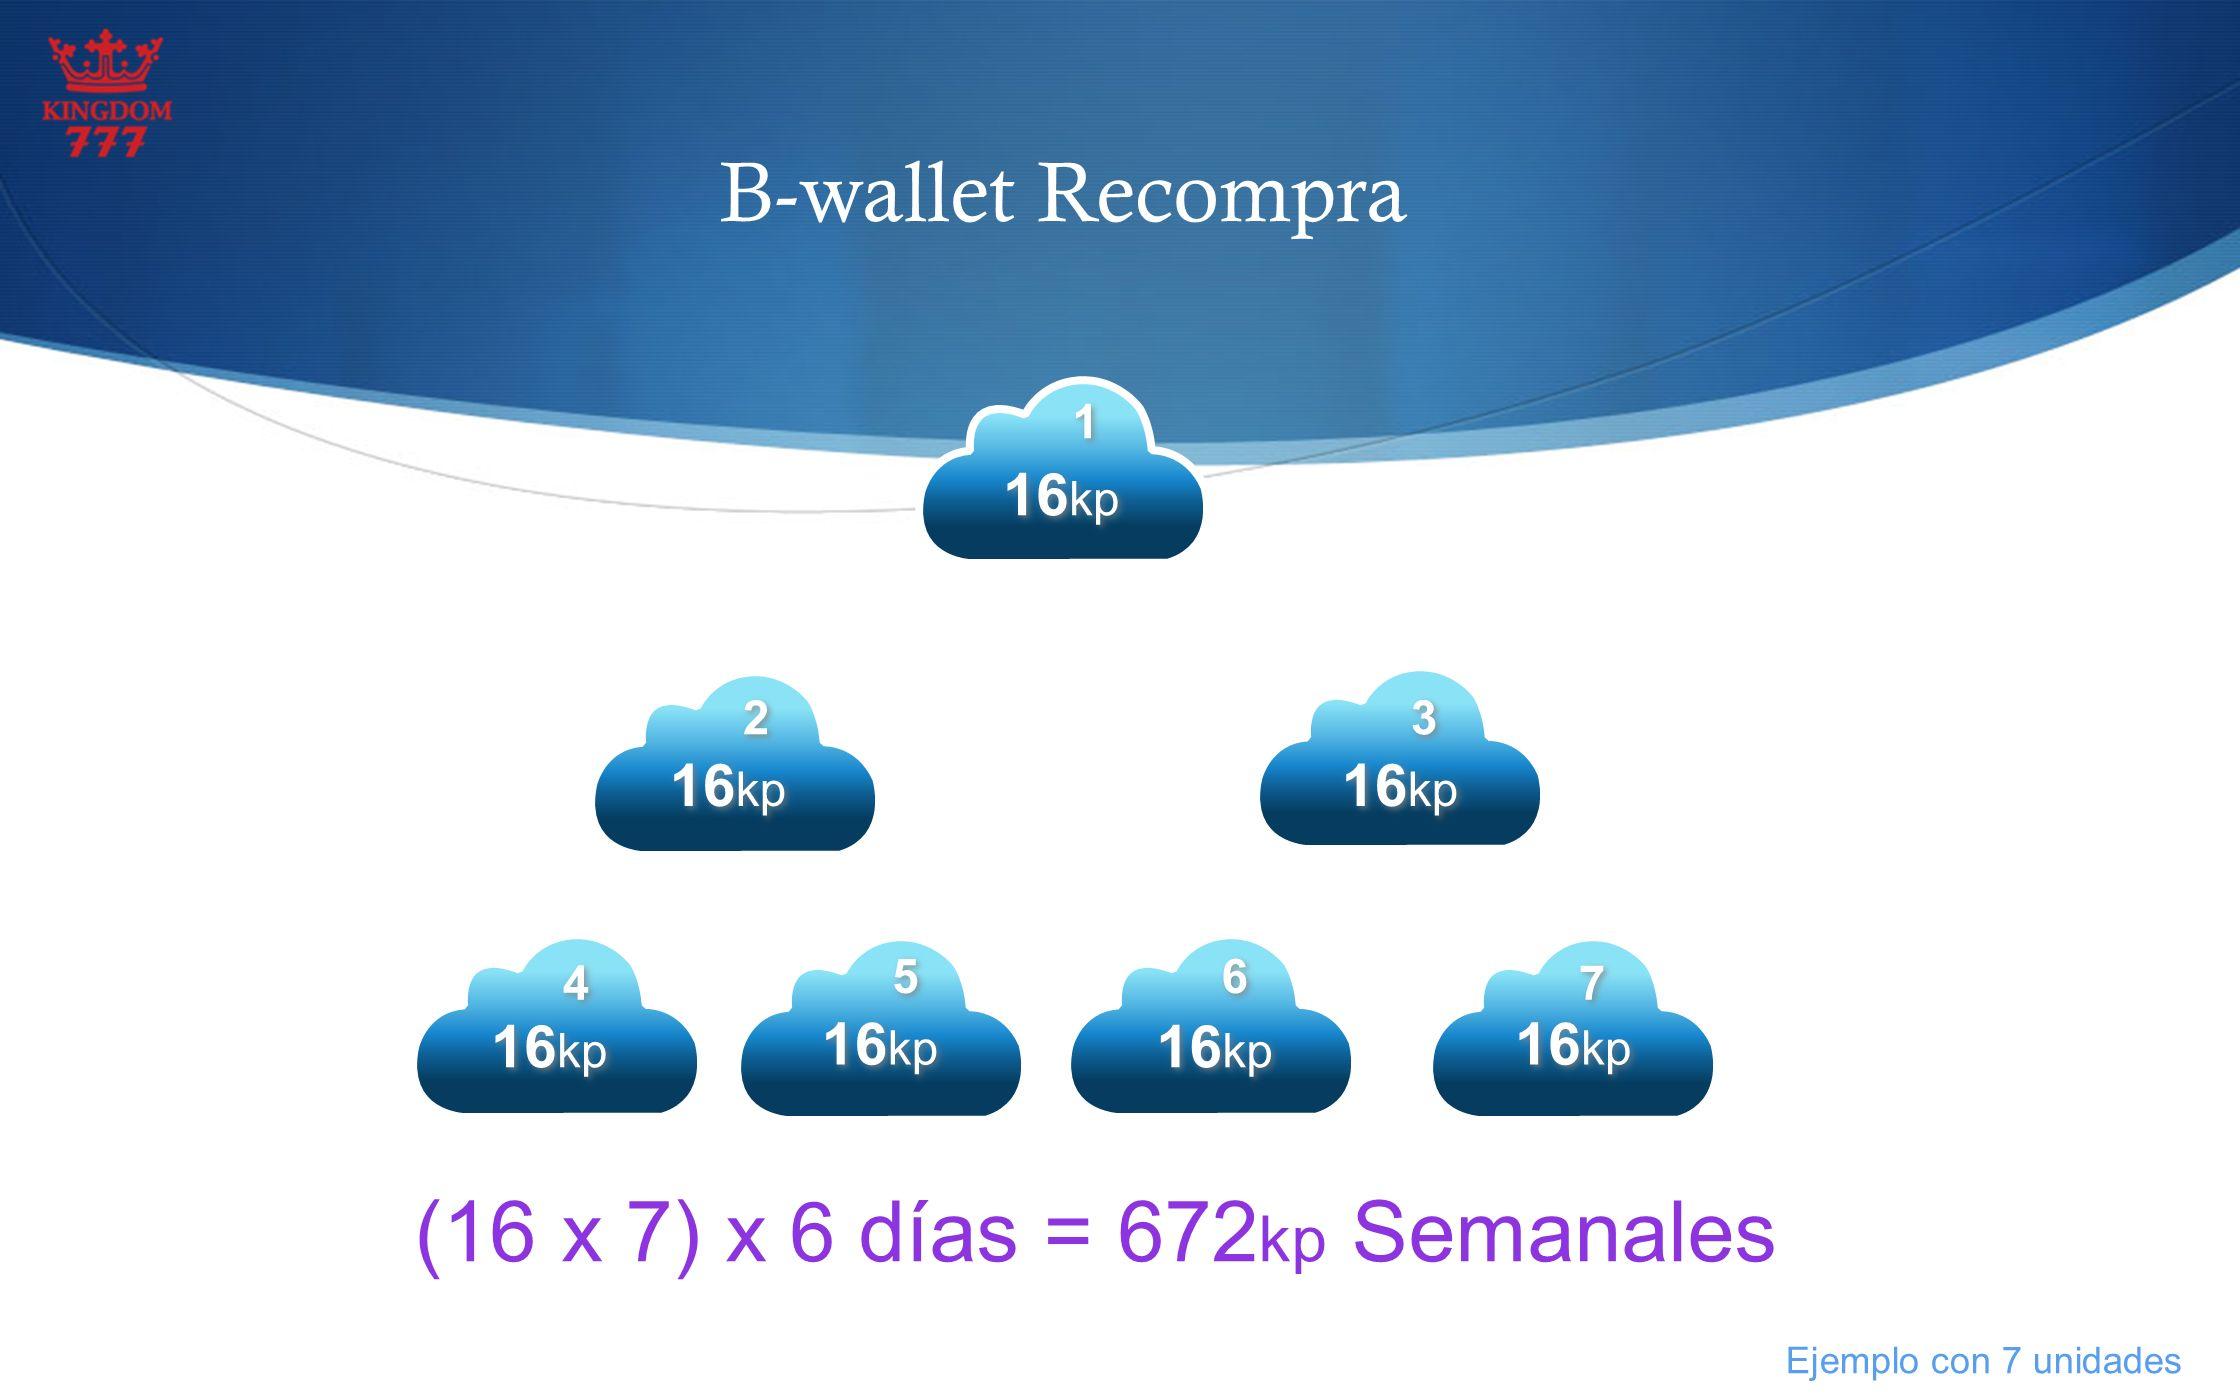 B-wallet Recompra 16 kp (16 x 7) x 6 días = 672 kp Semanales 1 1 2 2 3 3 4 4 5 5 6 6 7 7 Ejemplo con 7 unidades